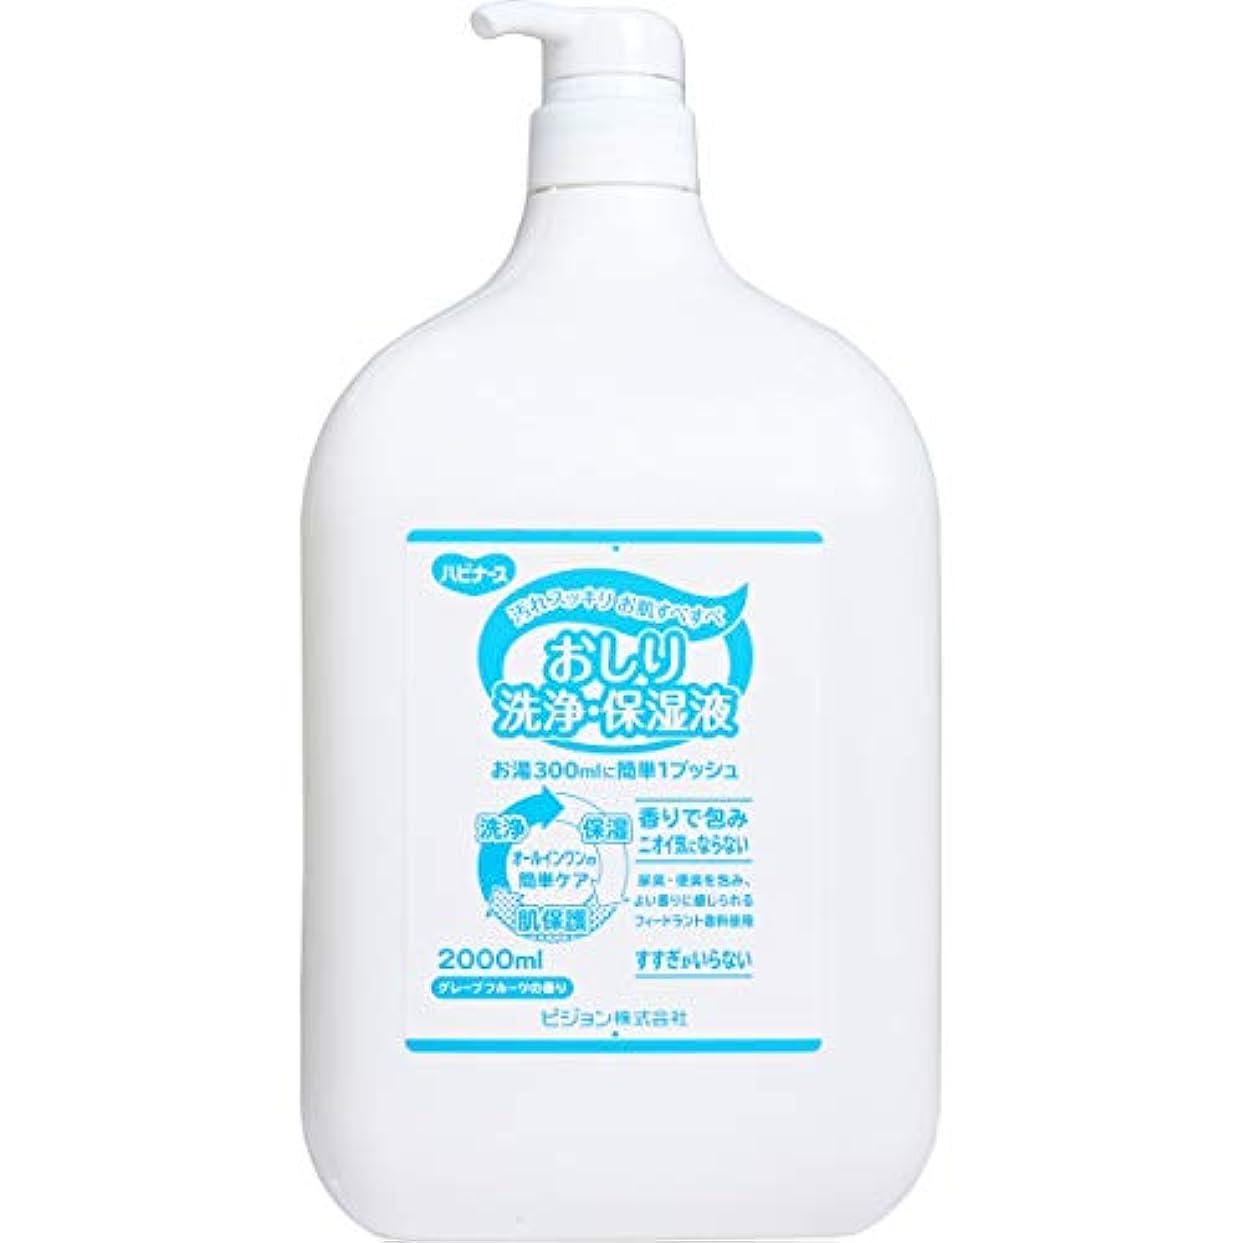 はぁただ噴火ハビナース おしり洗浄?保湿液 グレープフルーツの香り 2000mL 洗浄?保湿?肌保護 オールインワンの簡単ケア!